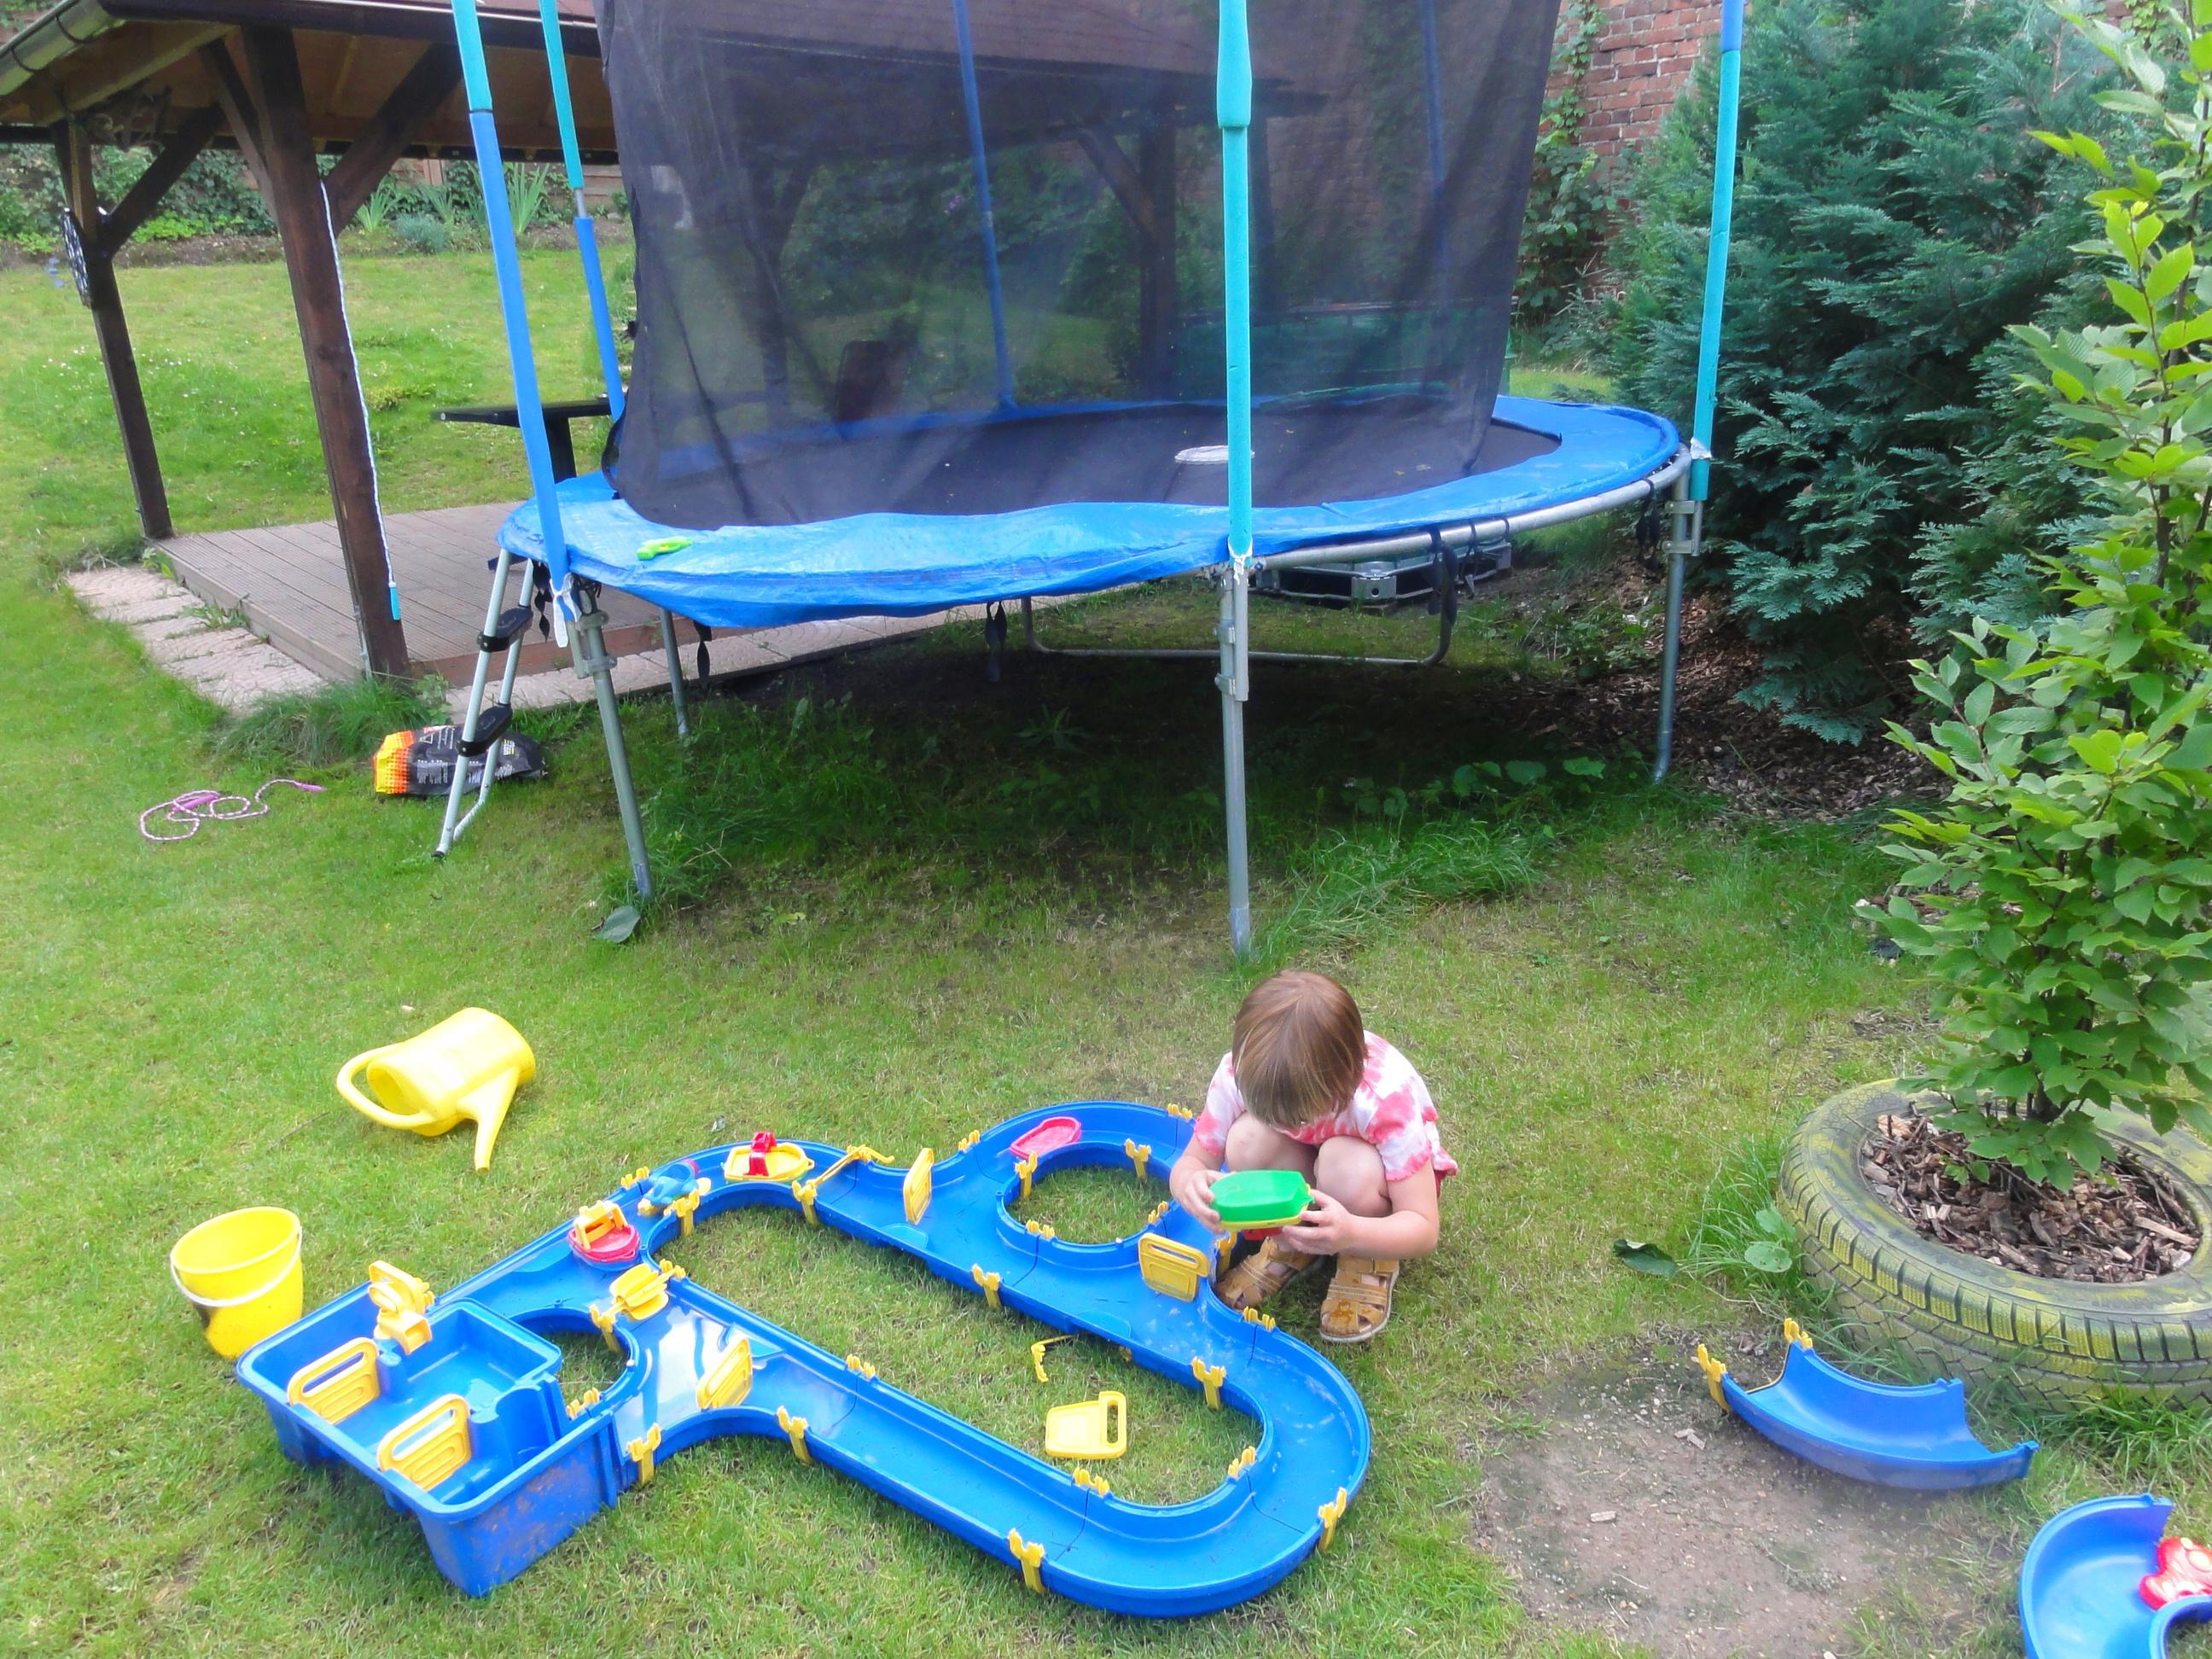 wasserspiele mit kindern im garten schwimmbad und saunen. Black Bedroom Furniture Sets. Home Design Ideas